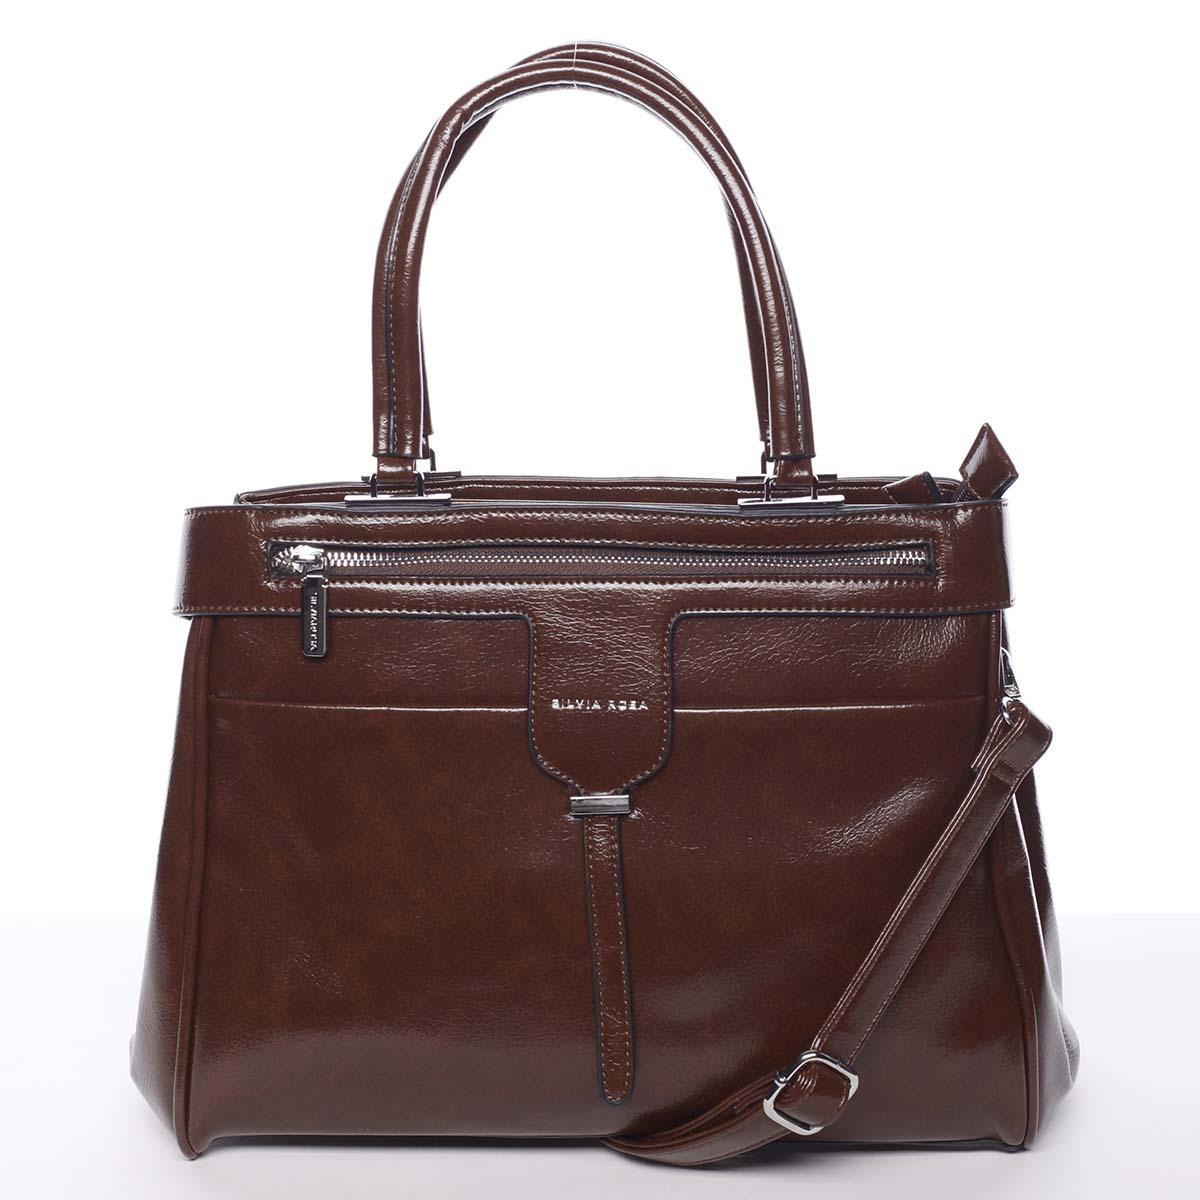 Luxusní moderní dámská hnědá kabelka do ruky - Silvia Rosa Venus hnědá